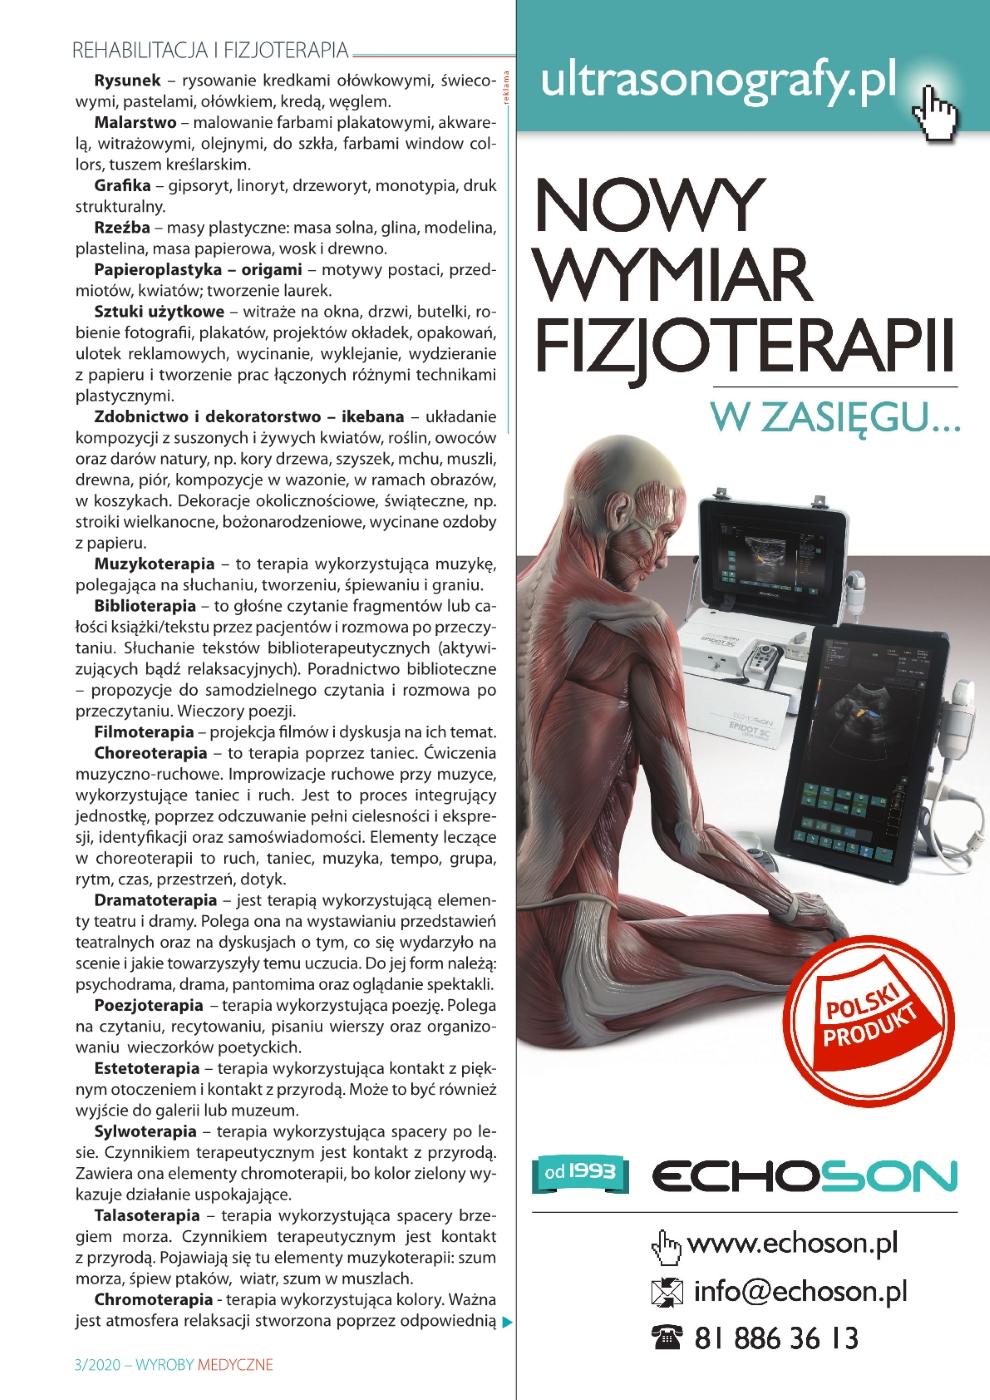 Wieloaspektowa-rehabilitacja-8